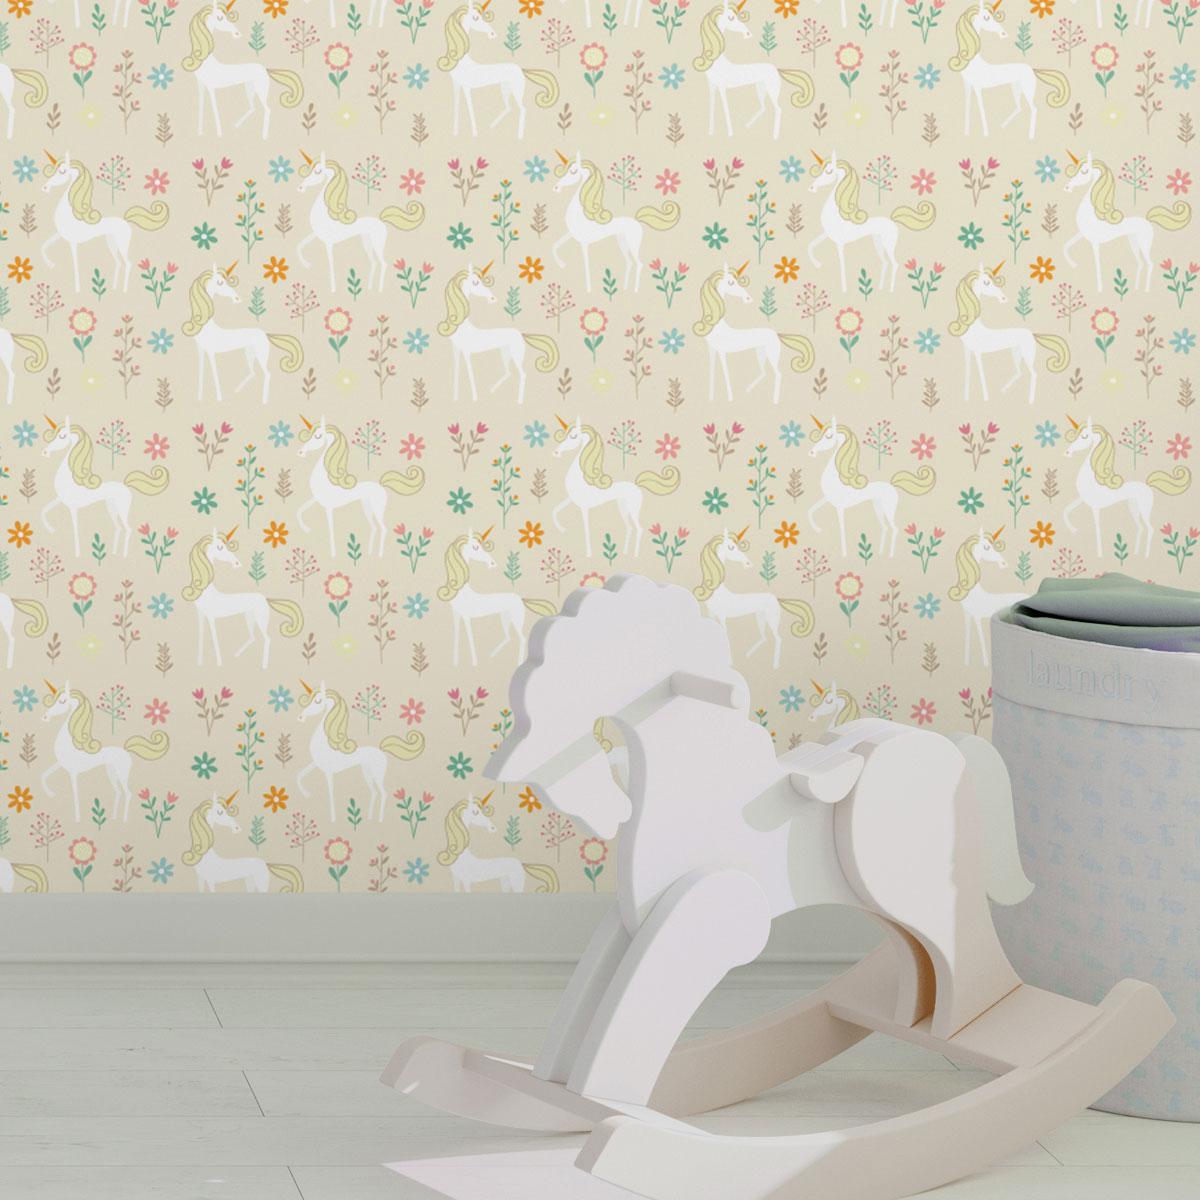 Wandtapete creme: Klassische Kinder Tapete mit magischem Einhorn zum Träumen auf beige angepasst an Little Greene Wandfarben- Vliestapete Tiere